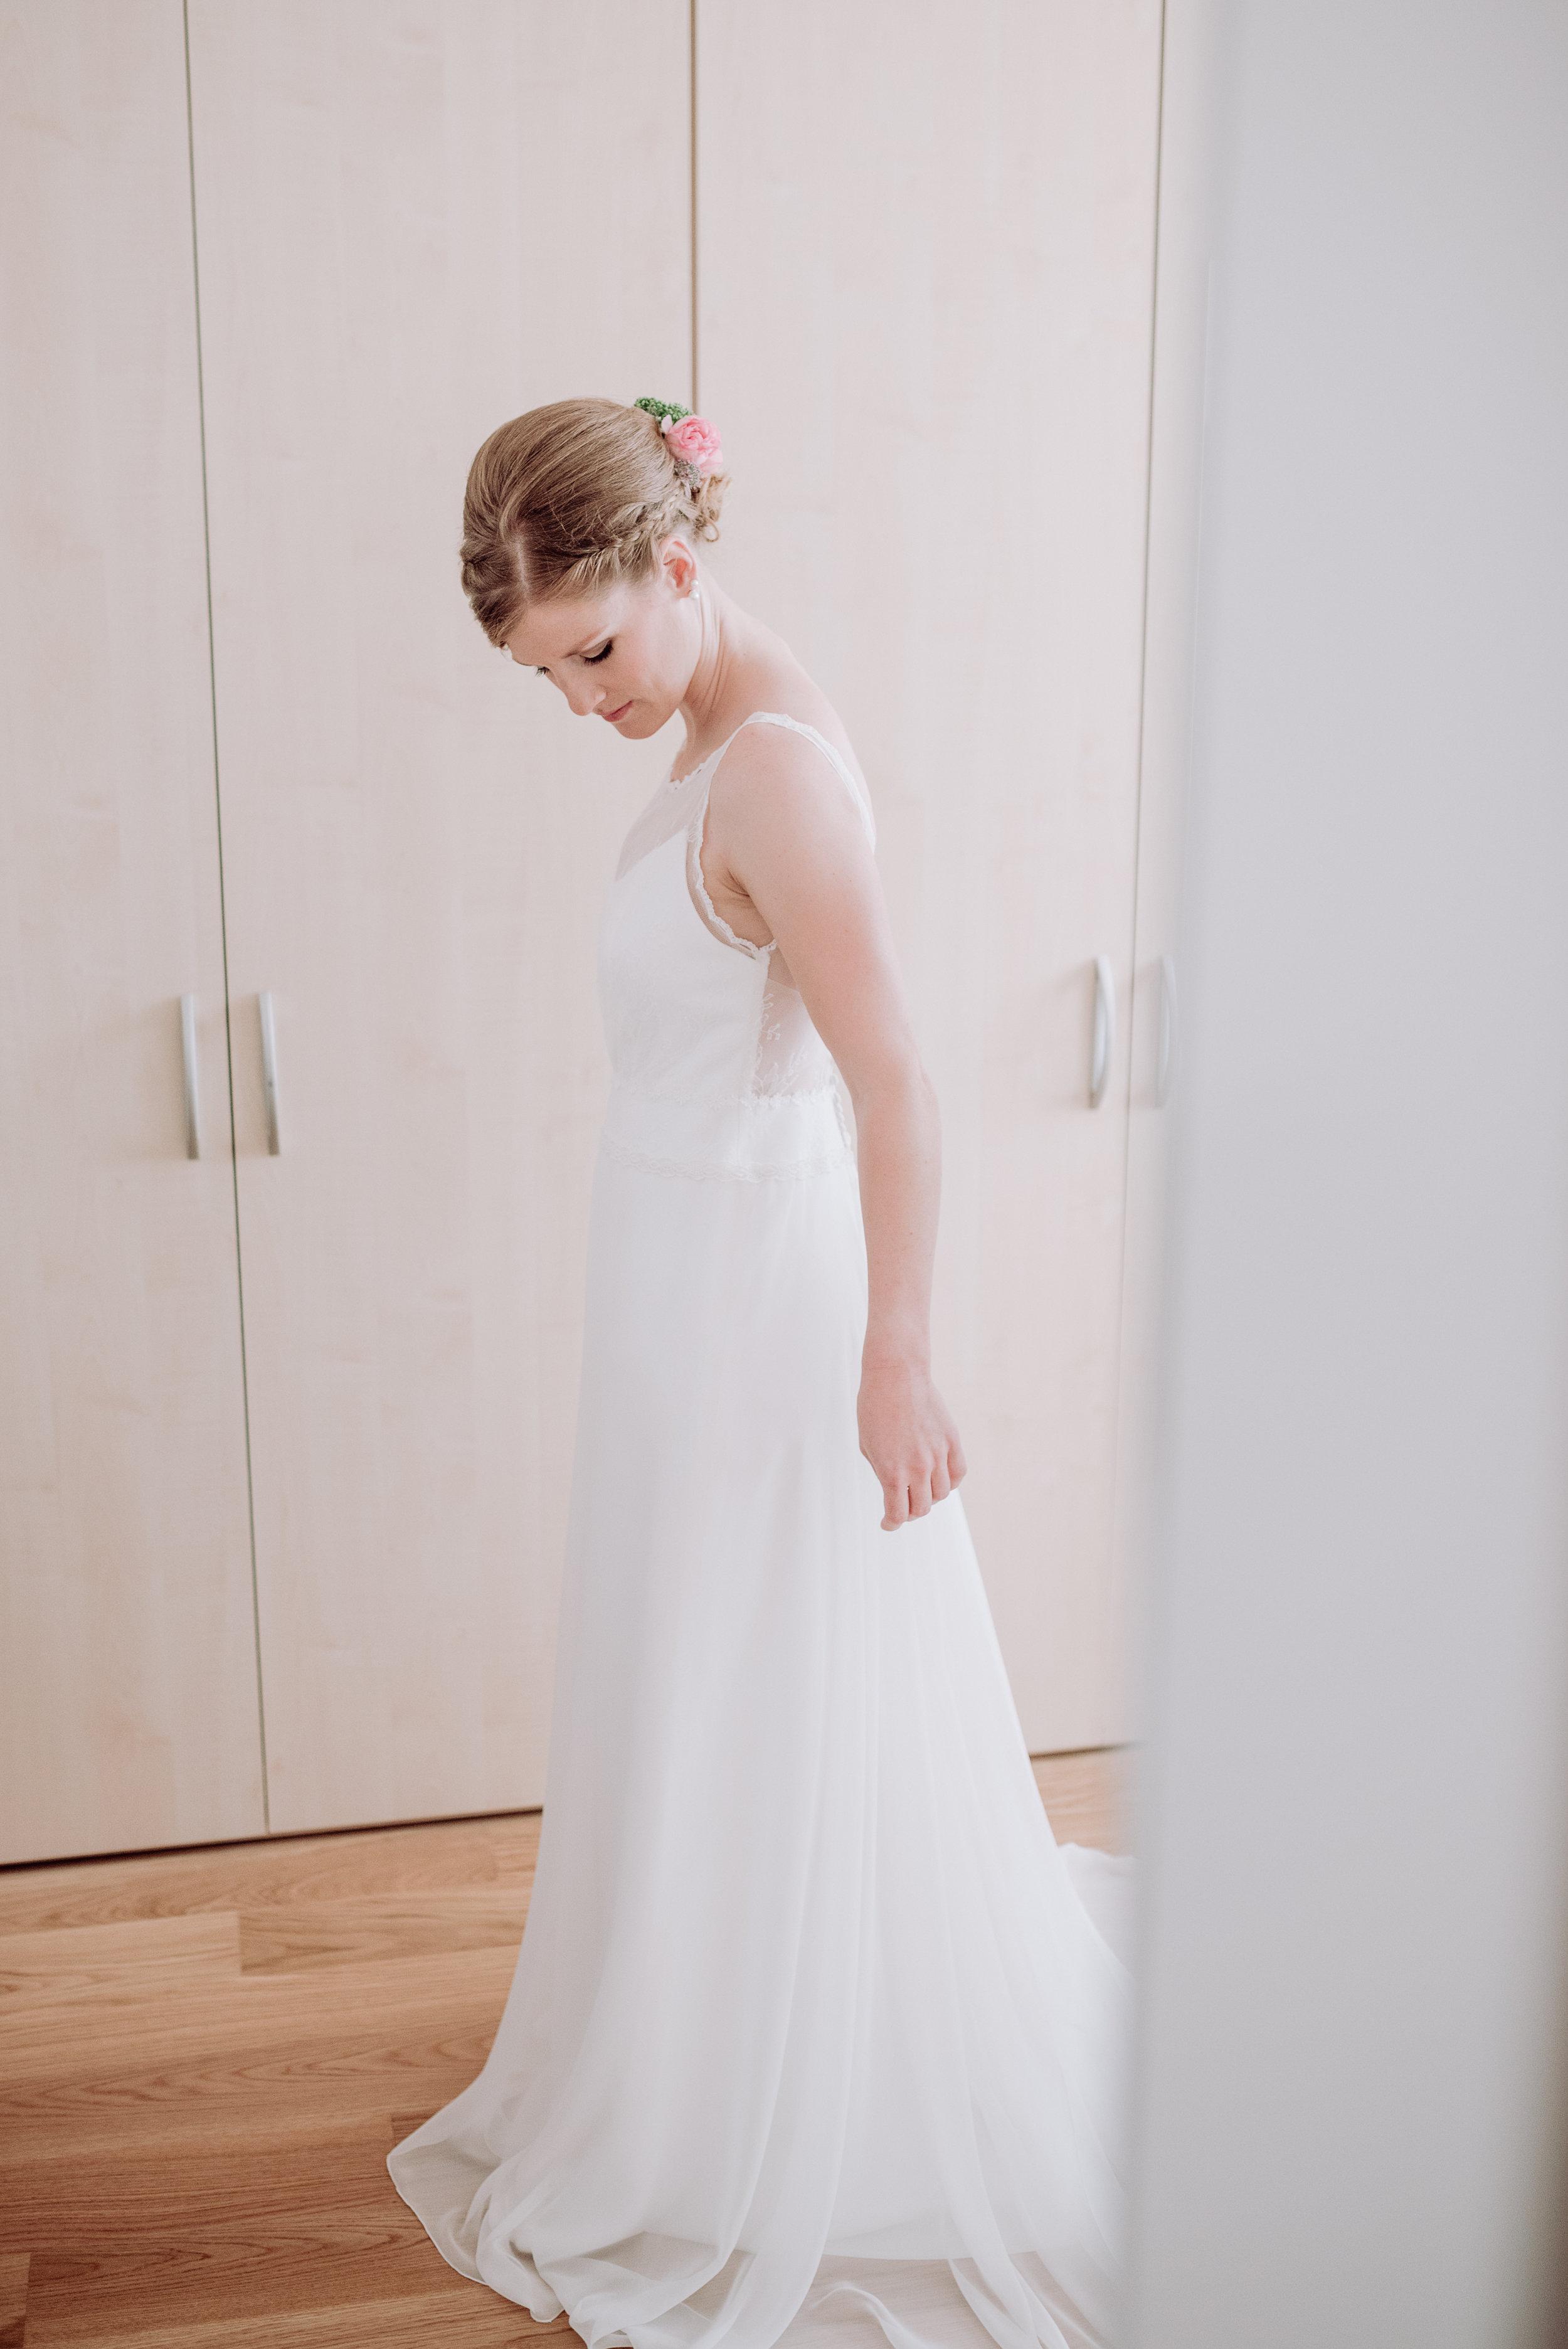 Hochzeit_BekaBitterliFotografie_21.jpg